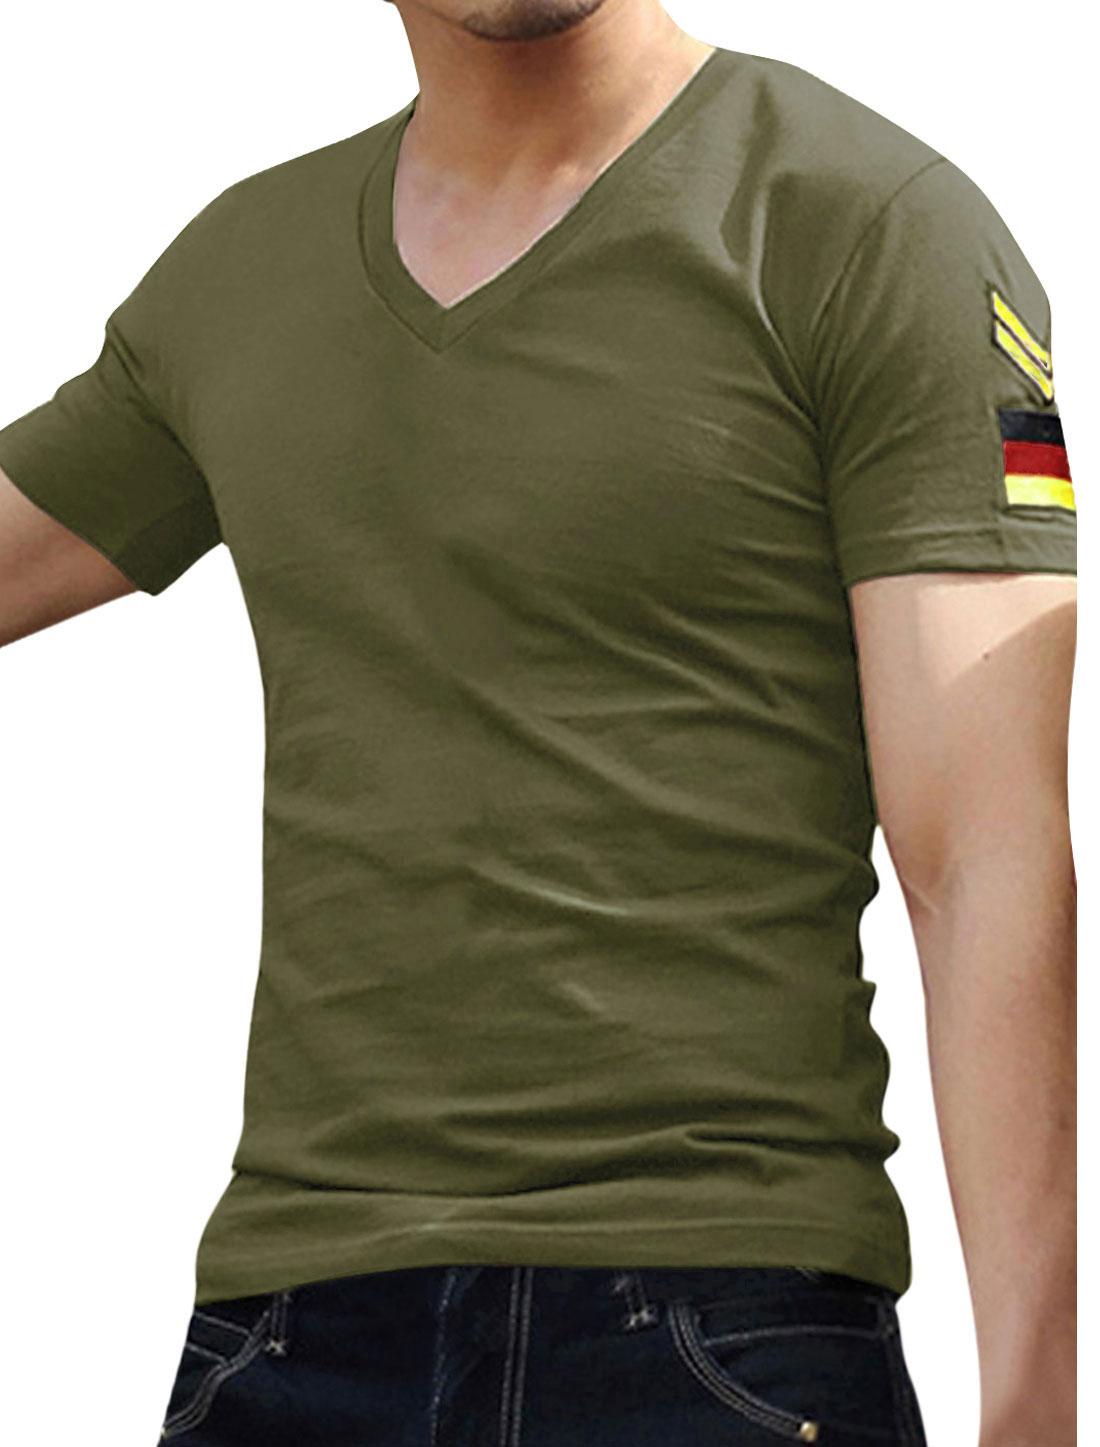 Men Olive Green Short Sleeve Embellished Detail Tee Shirt Top M